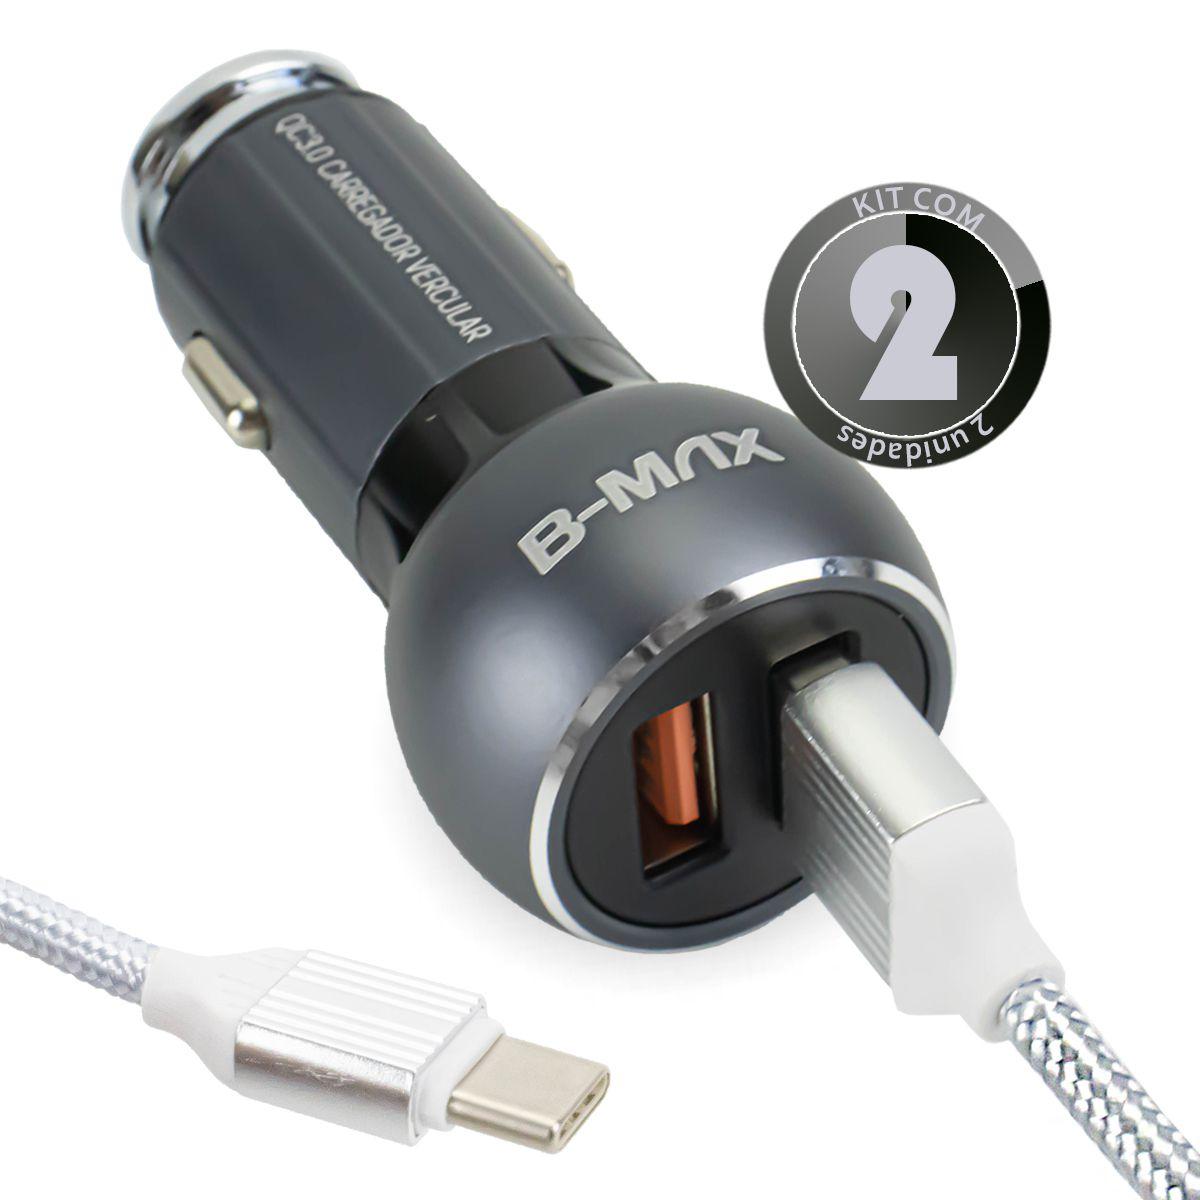 KIT 2x Carregador Veicular Turbo Quick Charge 3.0 36w para Celular Usb Tipo C B-Max BM8612